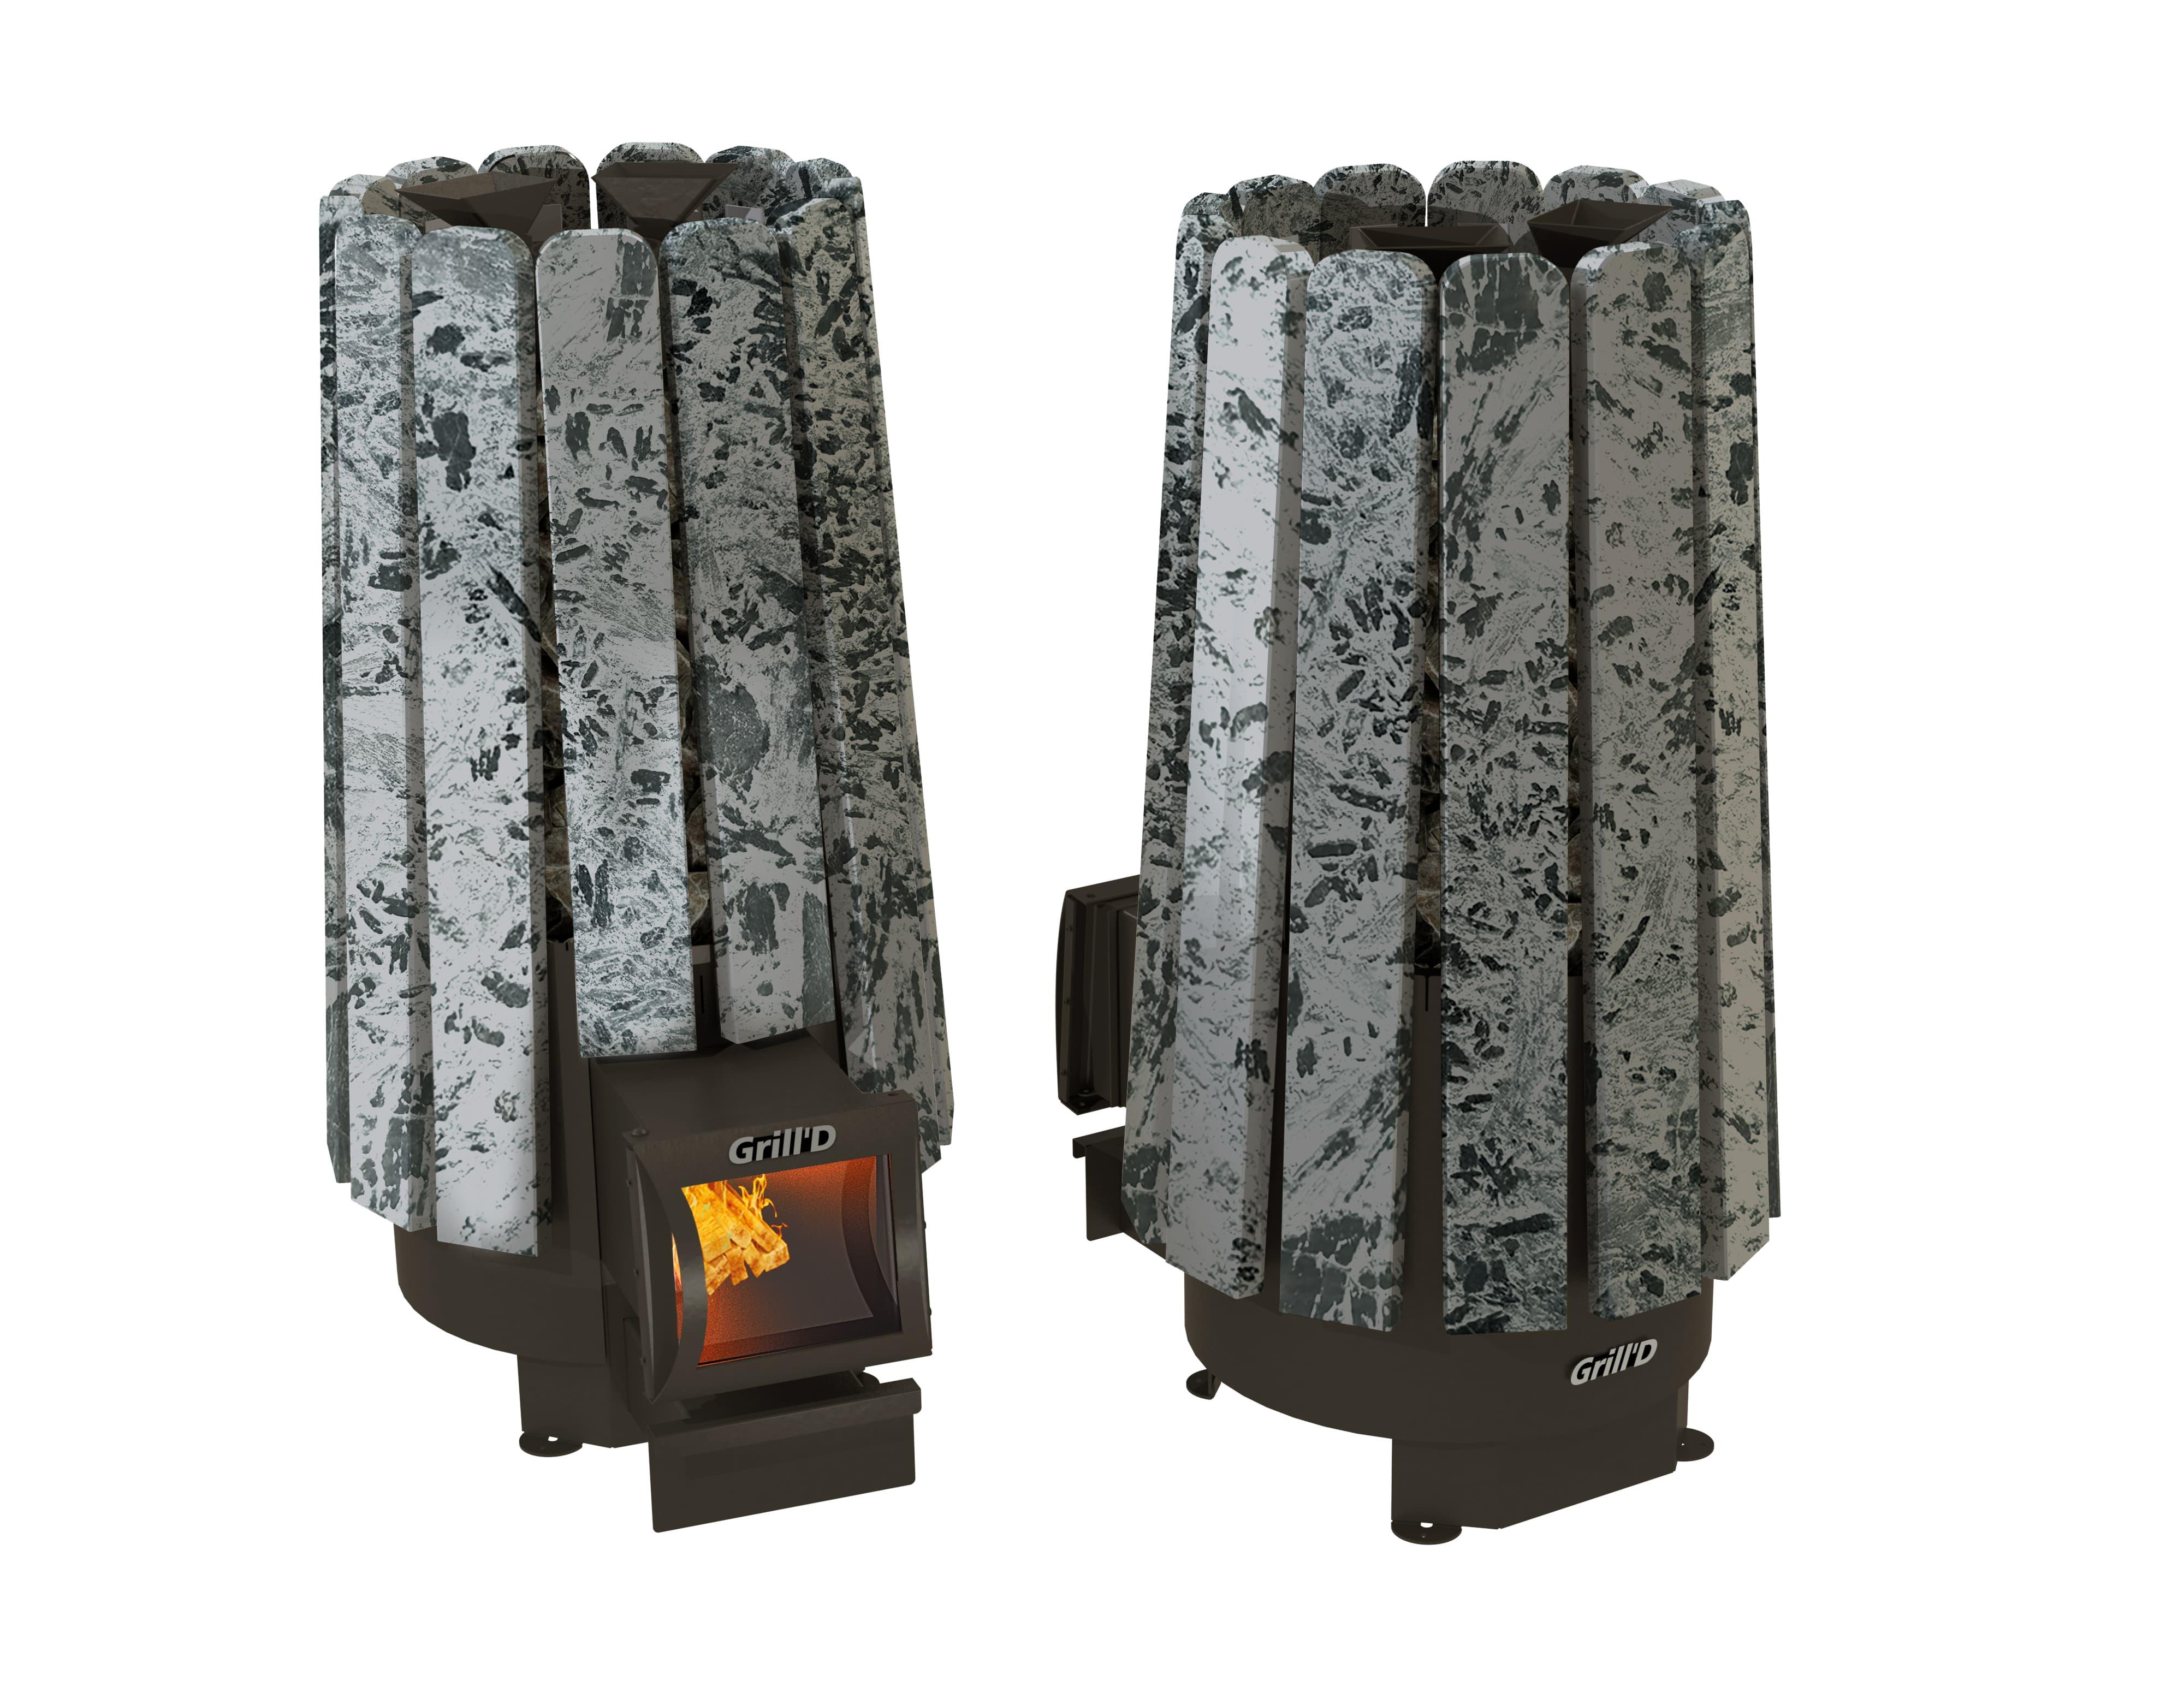 Банная печь Grill'D Cometa 180 Vega Long Stone